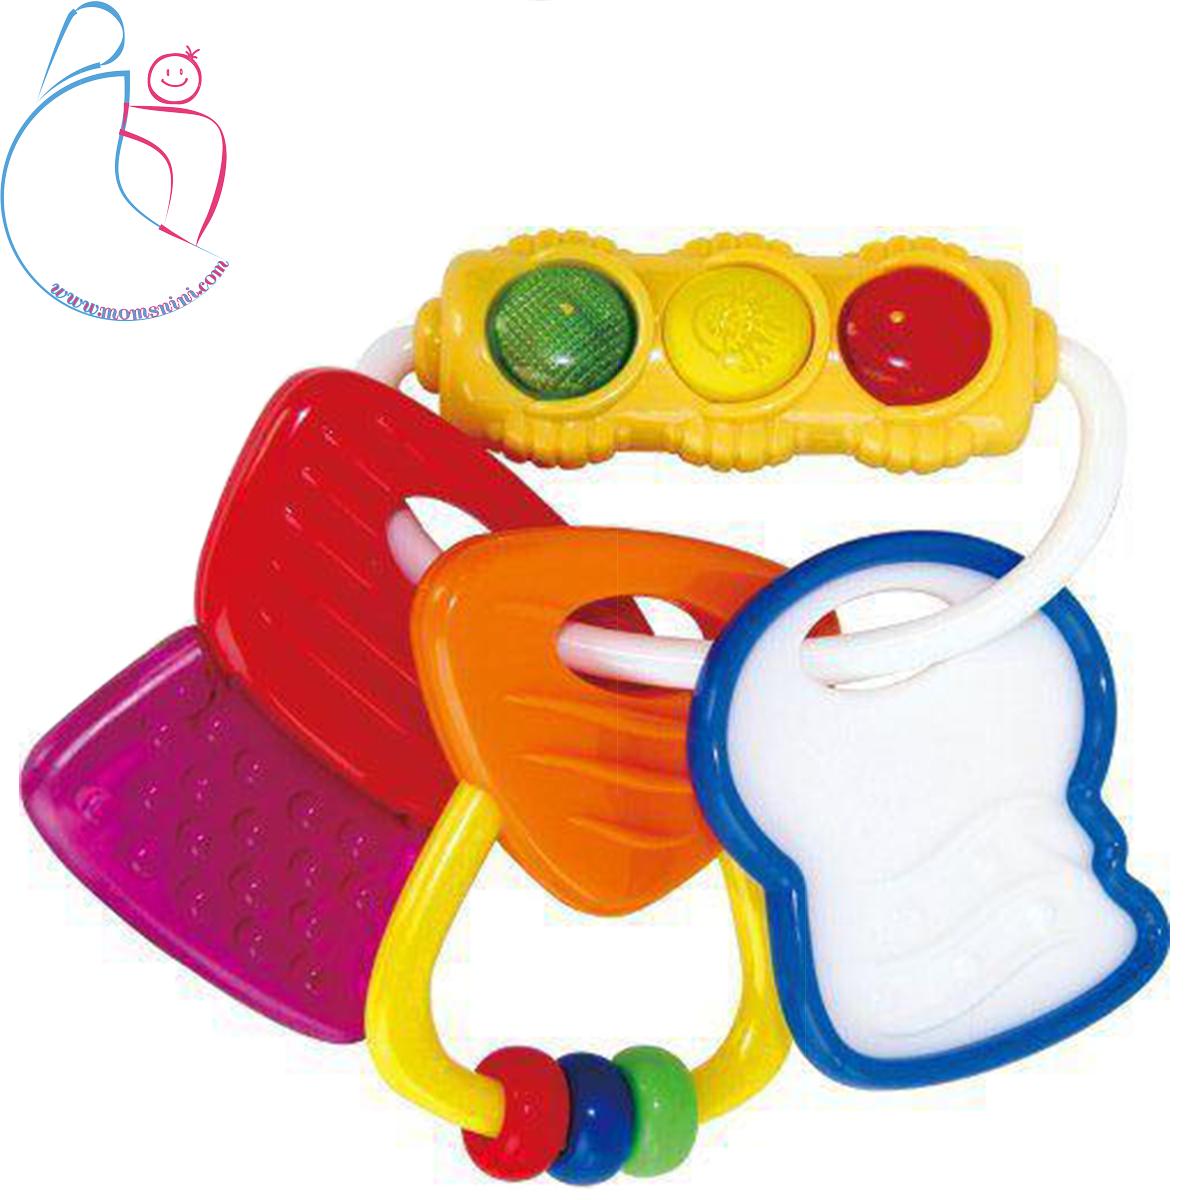 جغجغه دندانگیر هویلی تویز Hulie toys چراغ دار دسته کلیدی